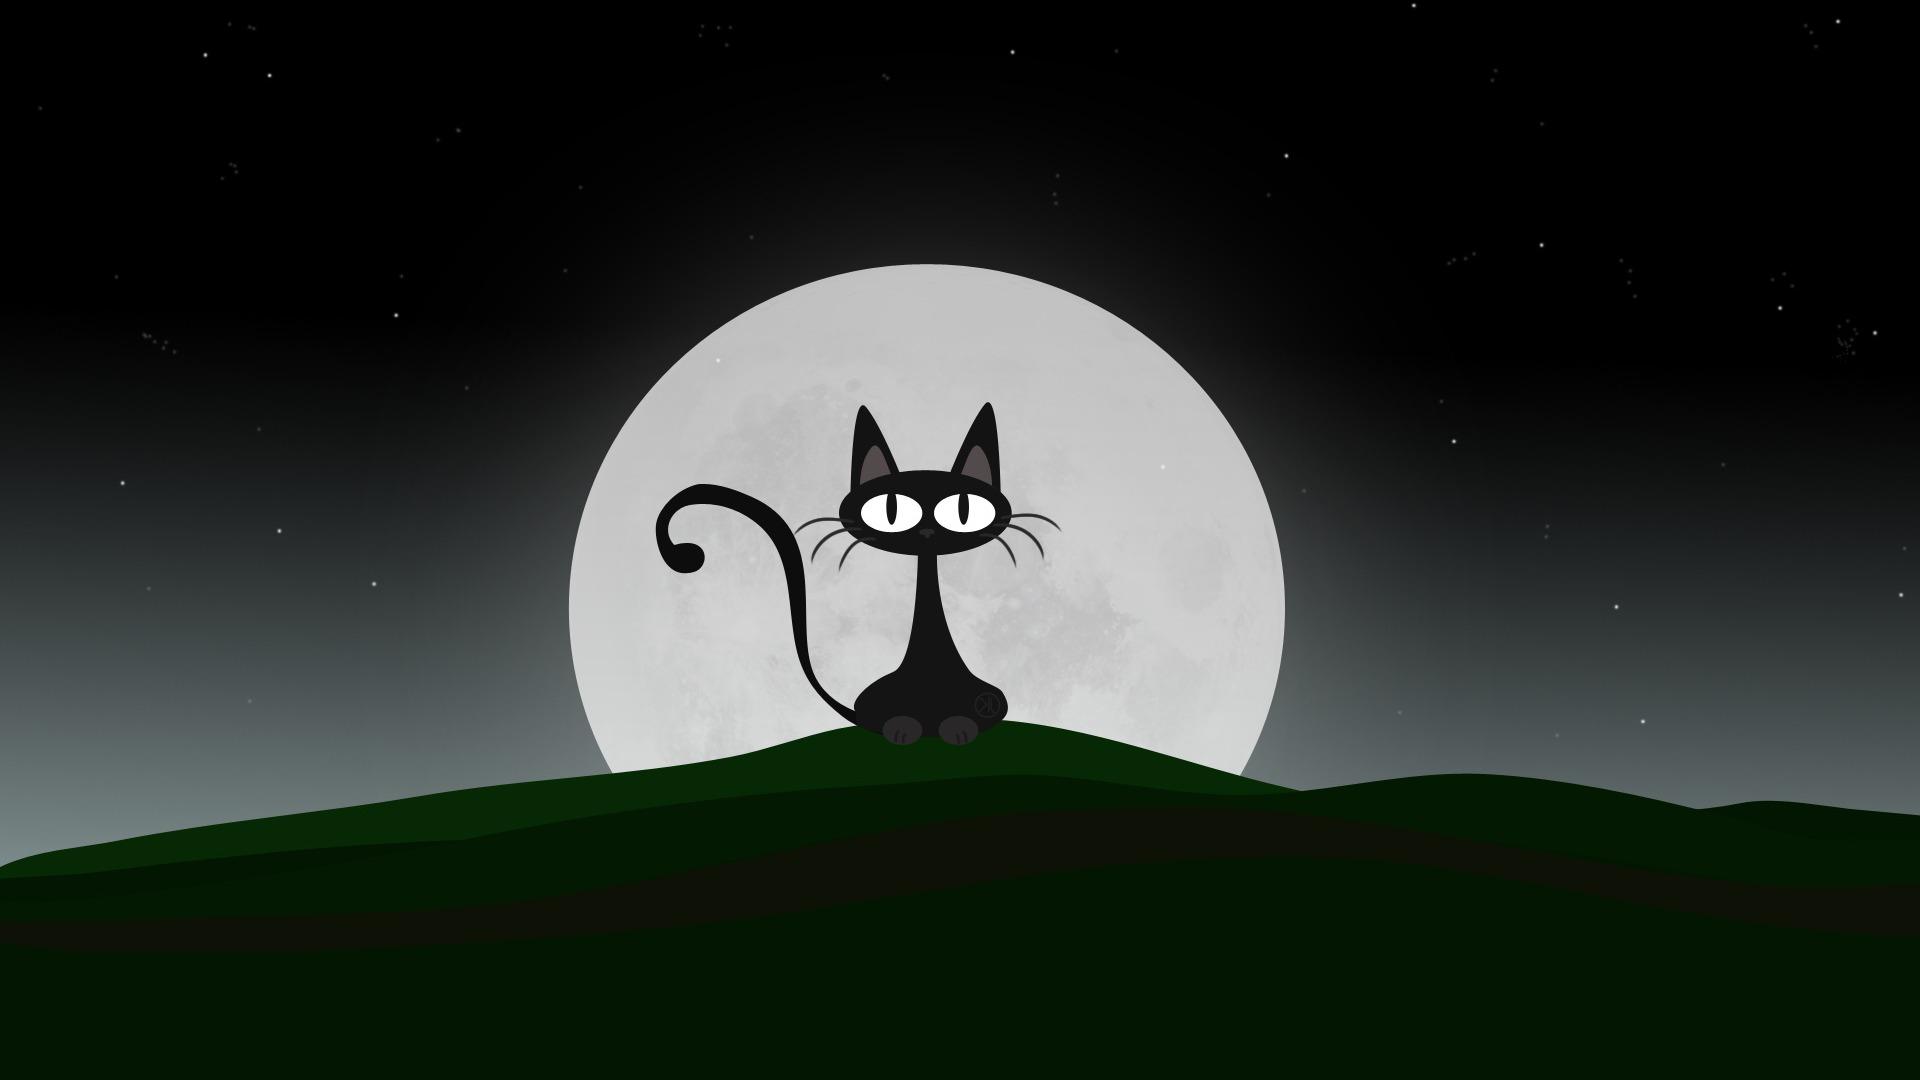 Personagem De Desenho Animado De Gato Hd Desktop Wallpaper